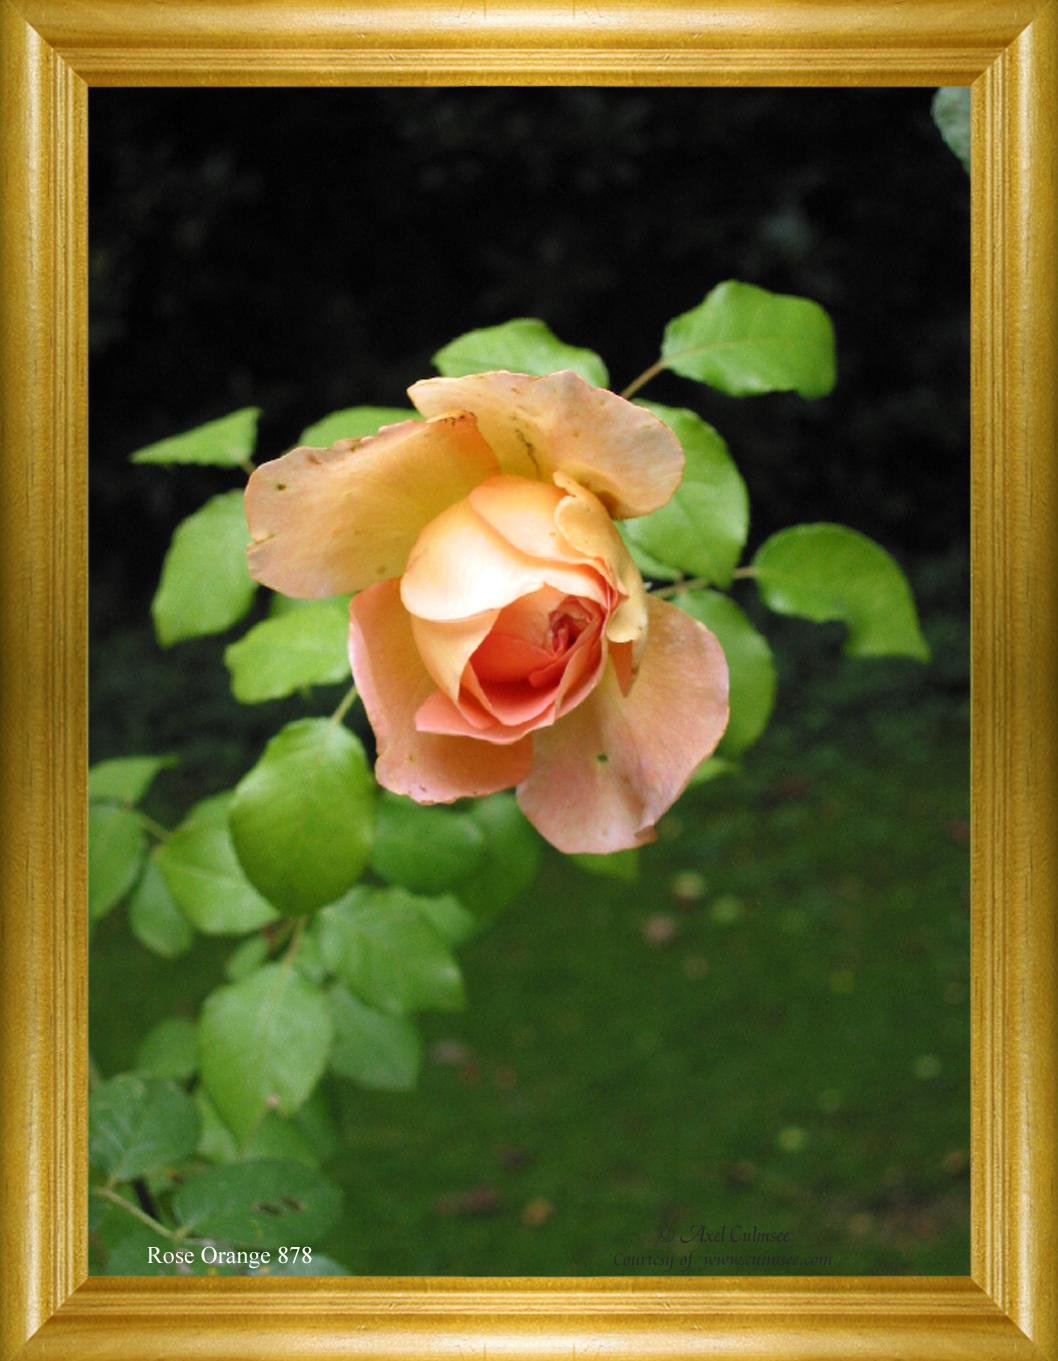 Rose Orange 878